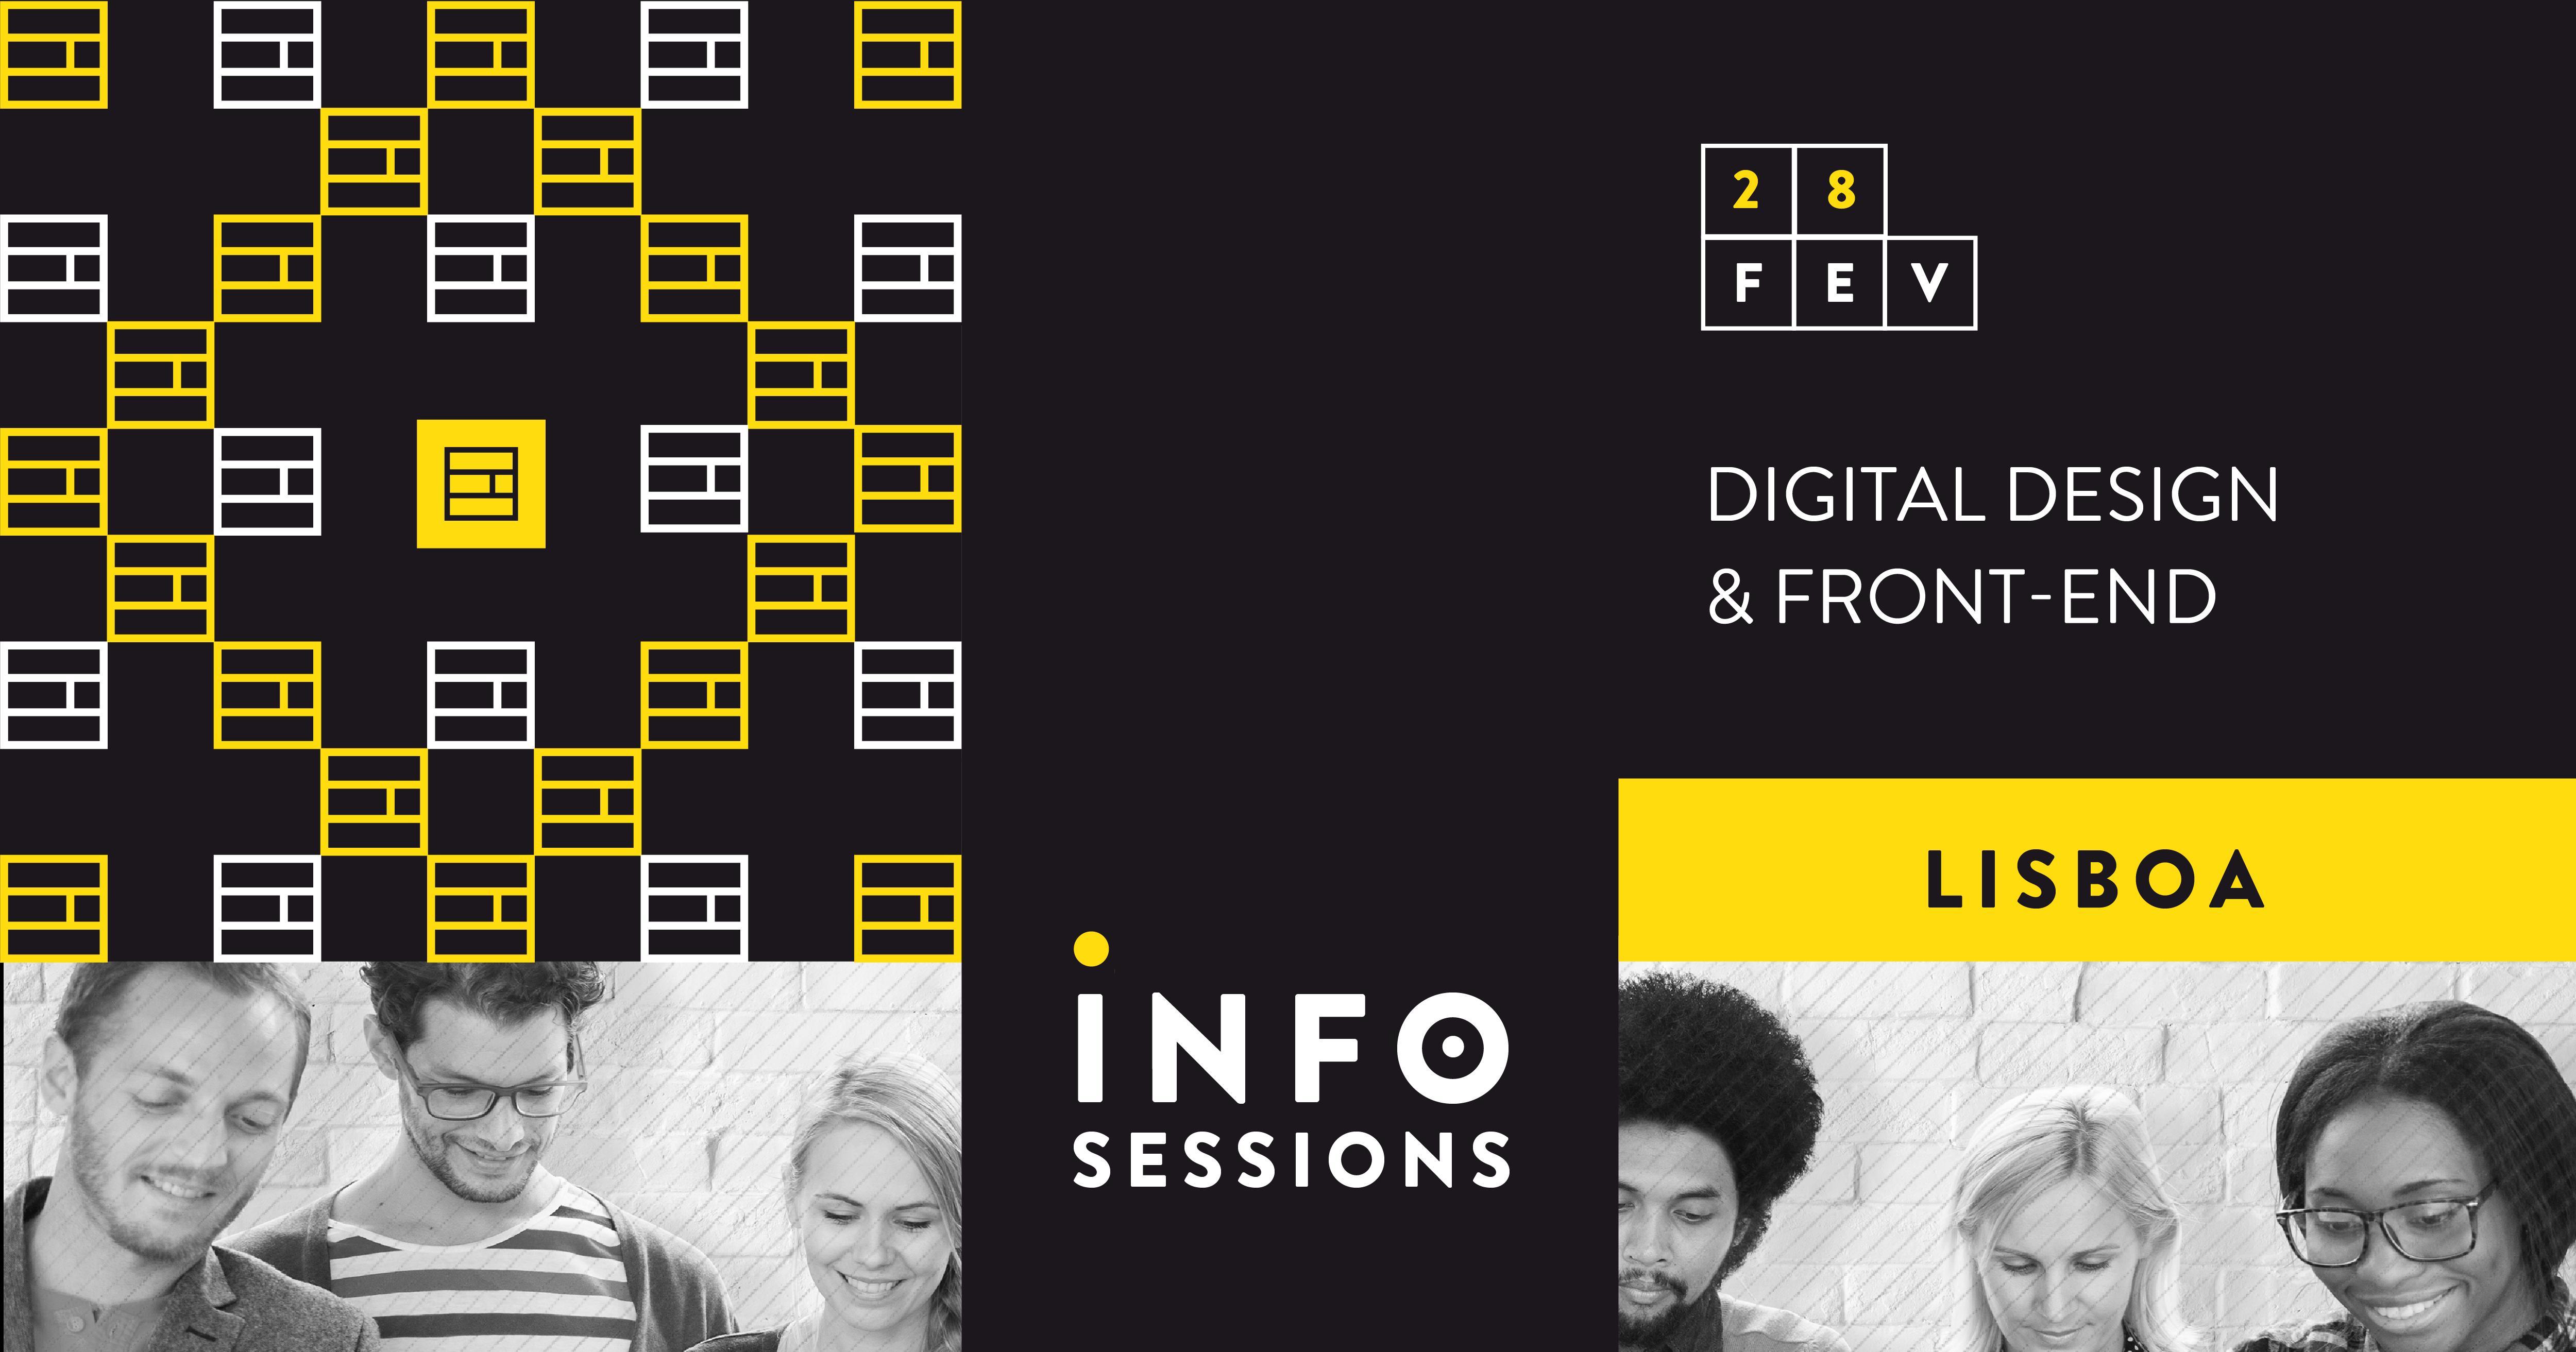 info-sessions_lisboa_digital-design-fron-end